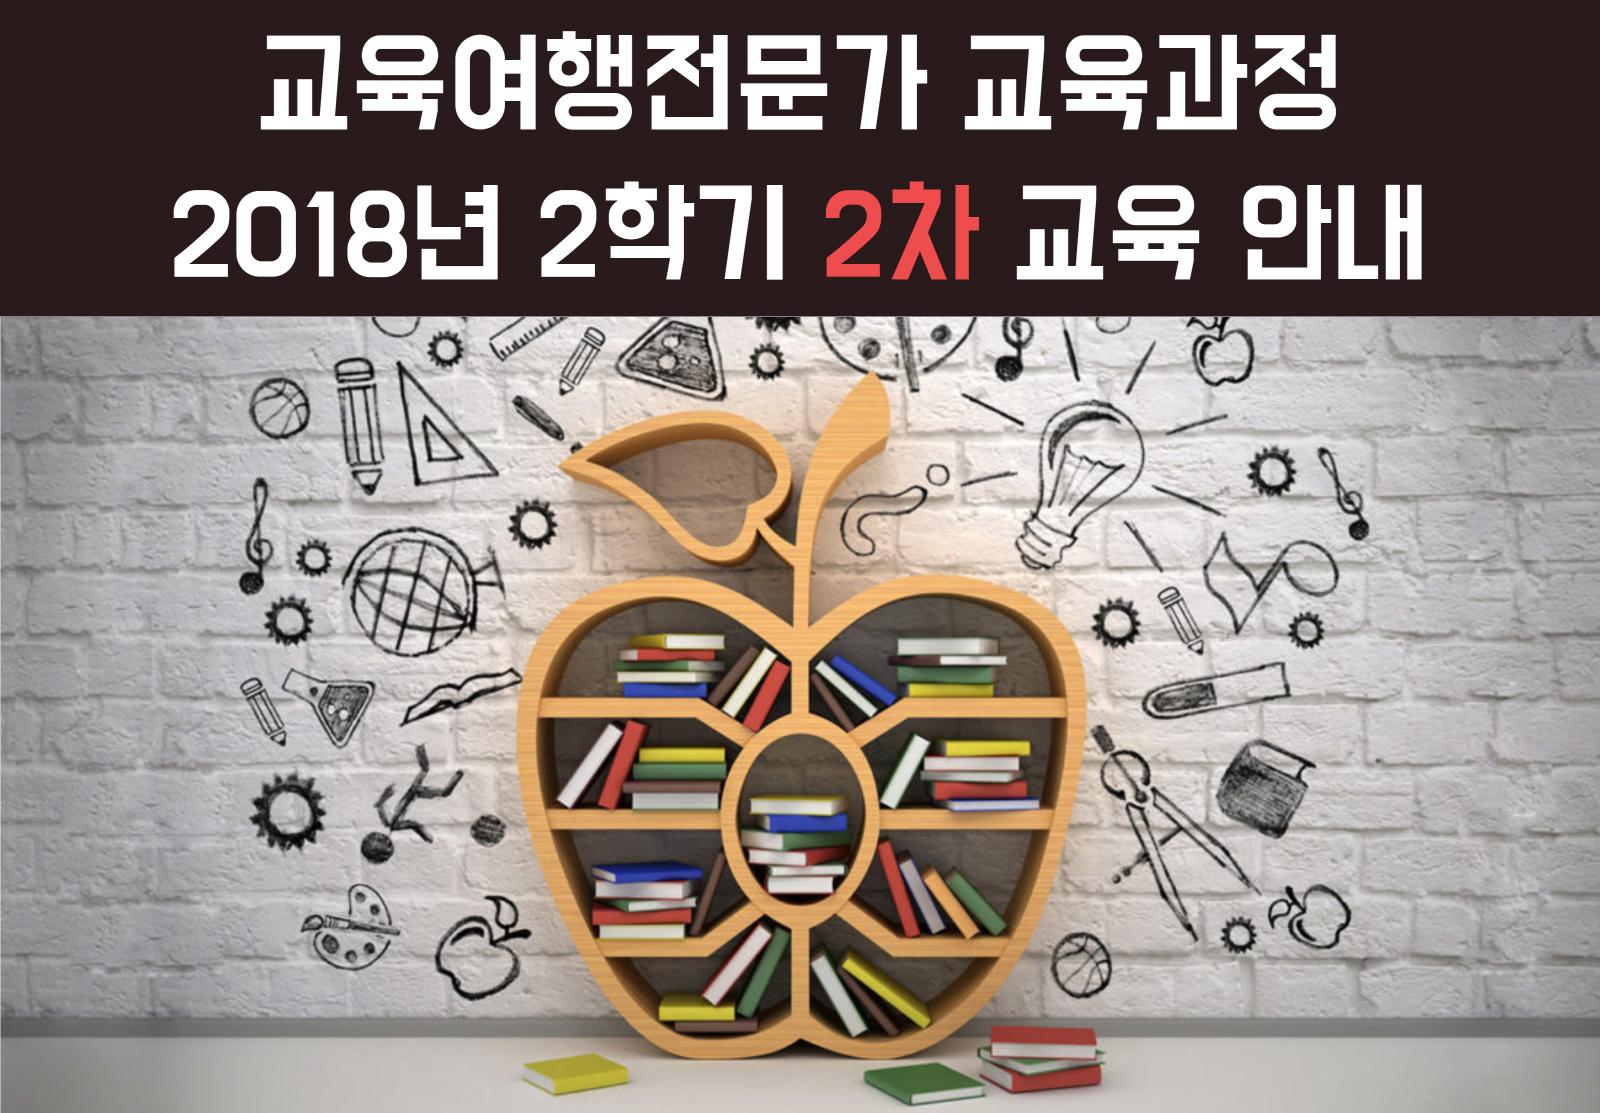 교육여행전문가_2차교육과정_메인 .jpg